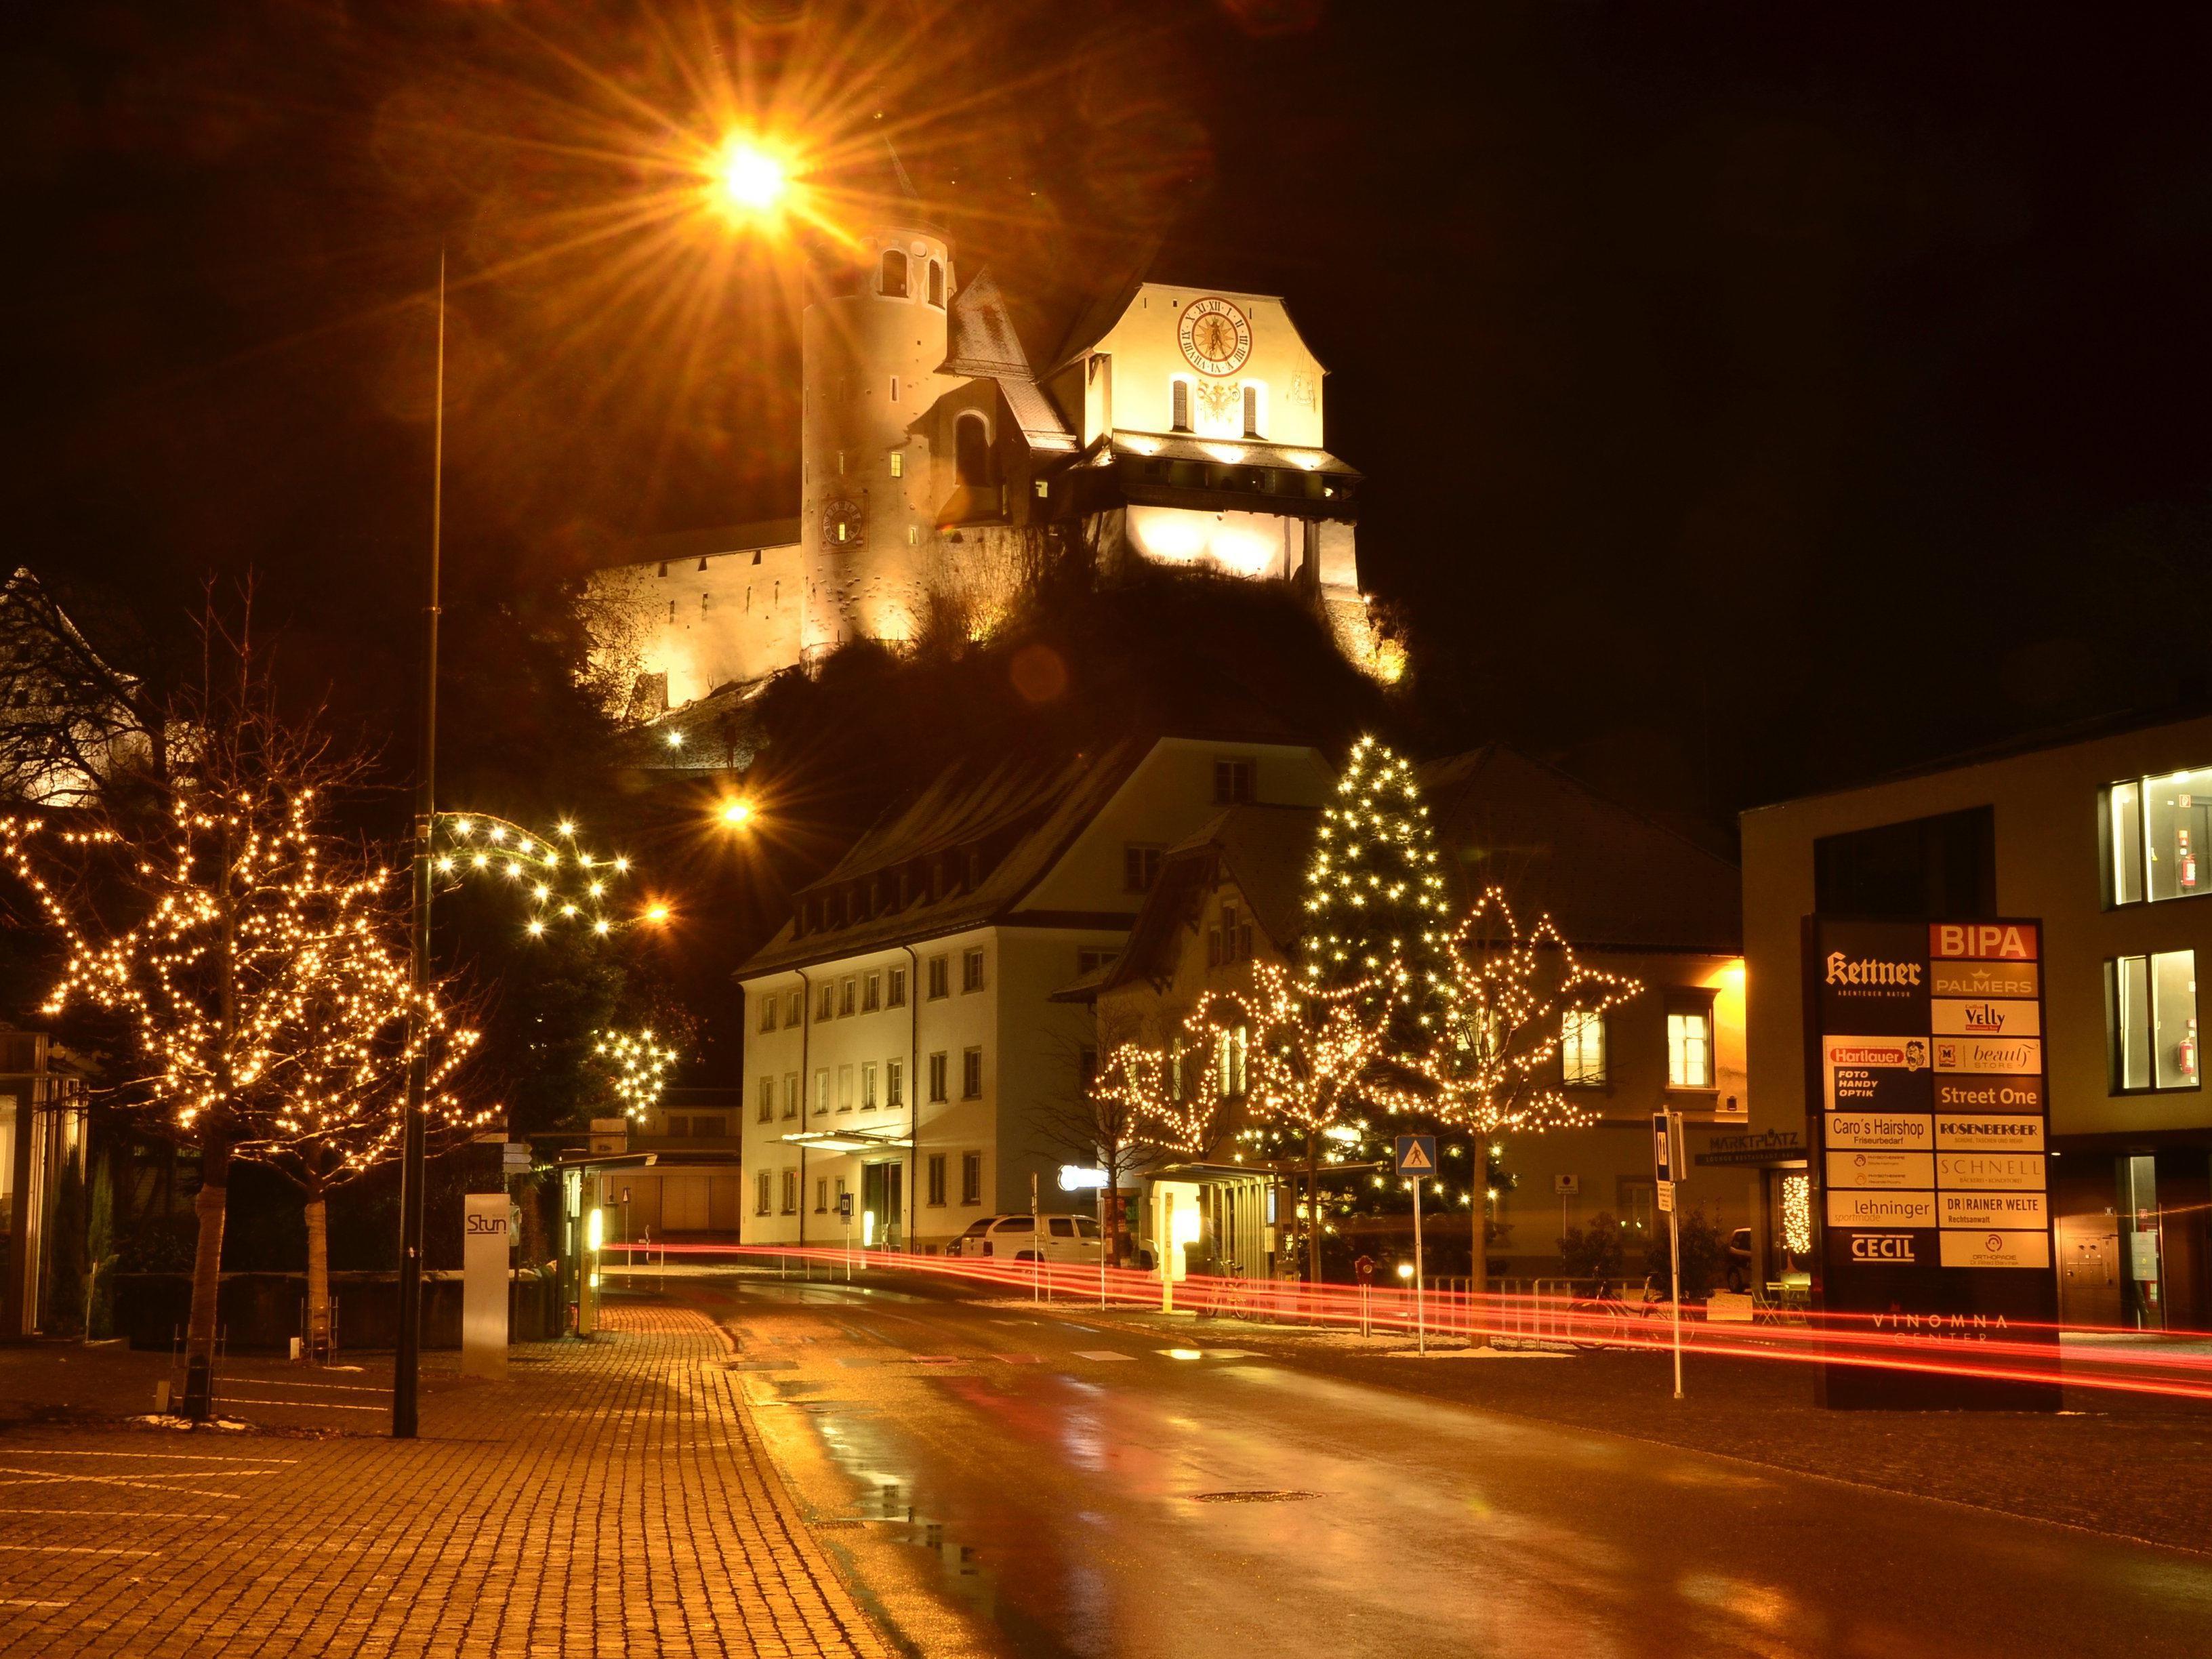 Seit dem vergangenen Freitag sorgt die Weihnachstbeleuchtung in Rankweil für festliche Stimmung